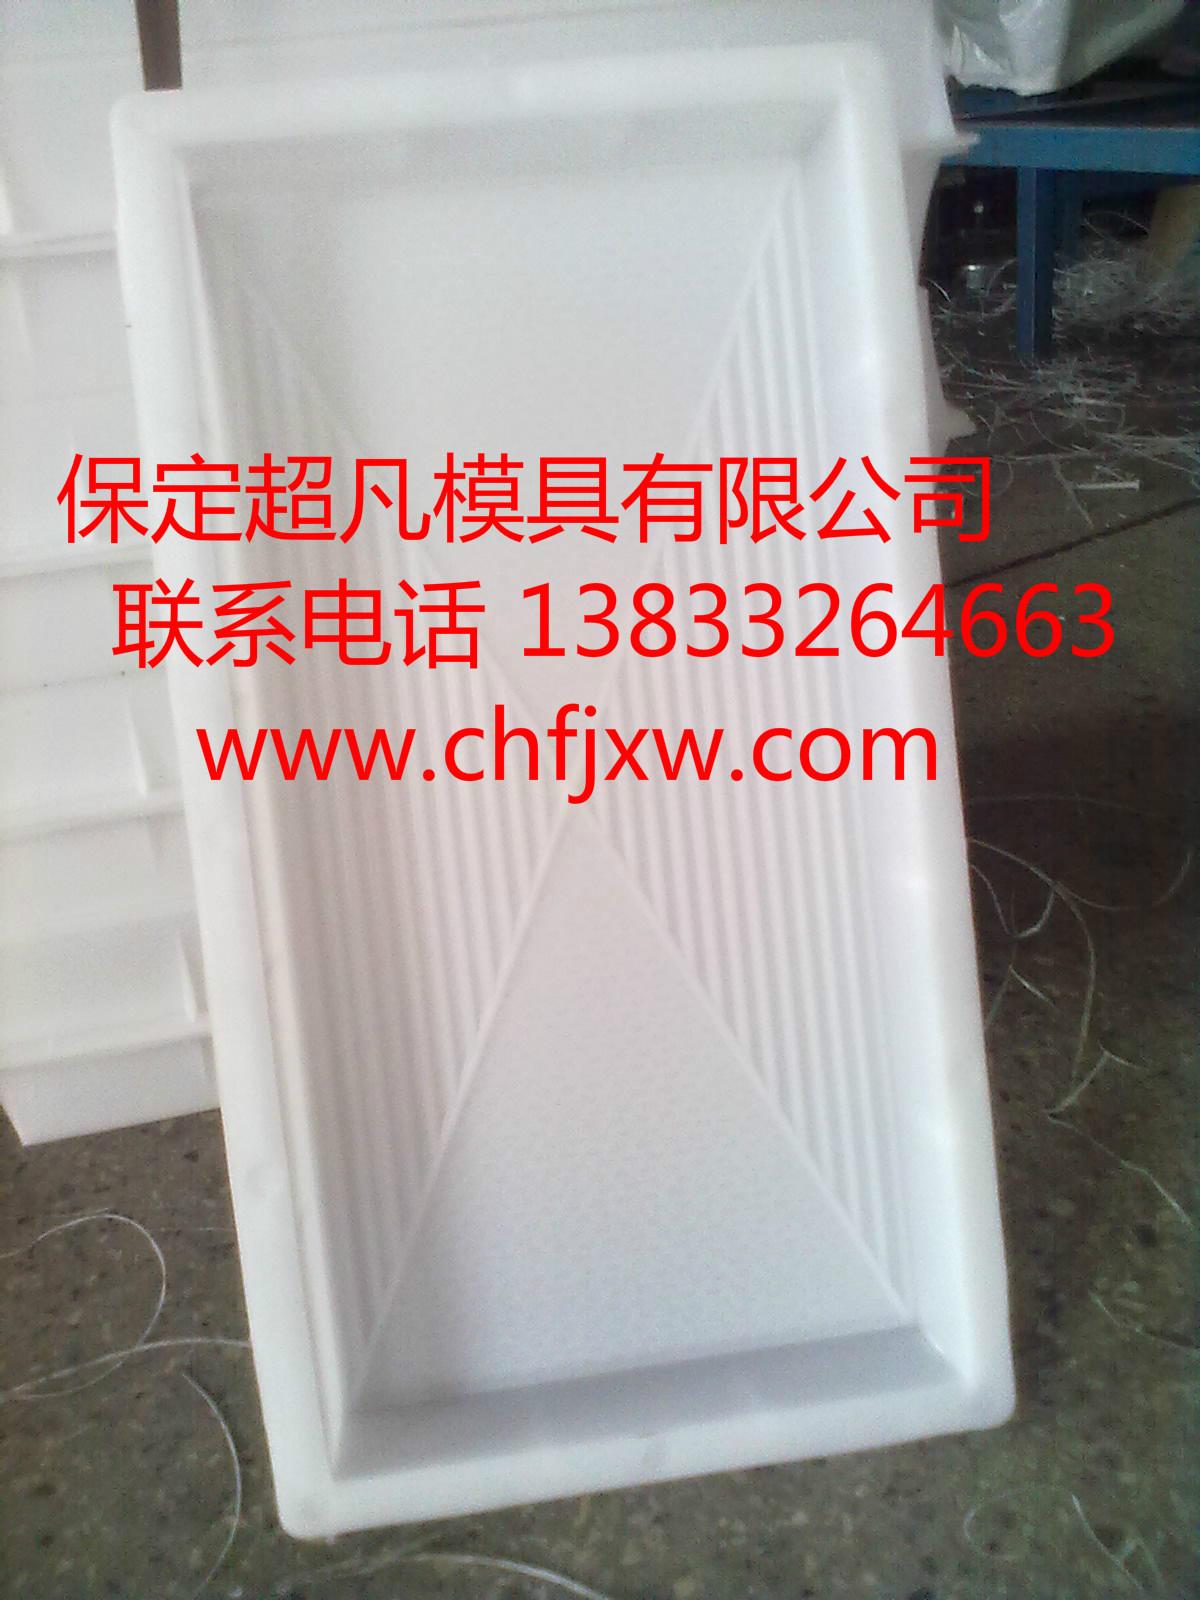 超凡模具 供应优质优惠高铁专用盖板模具